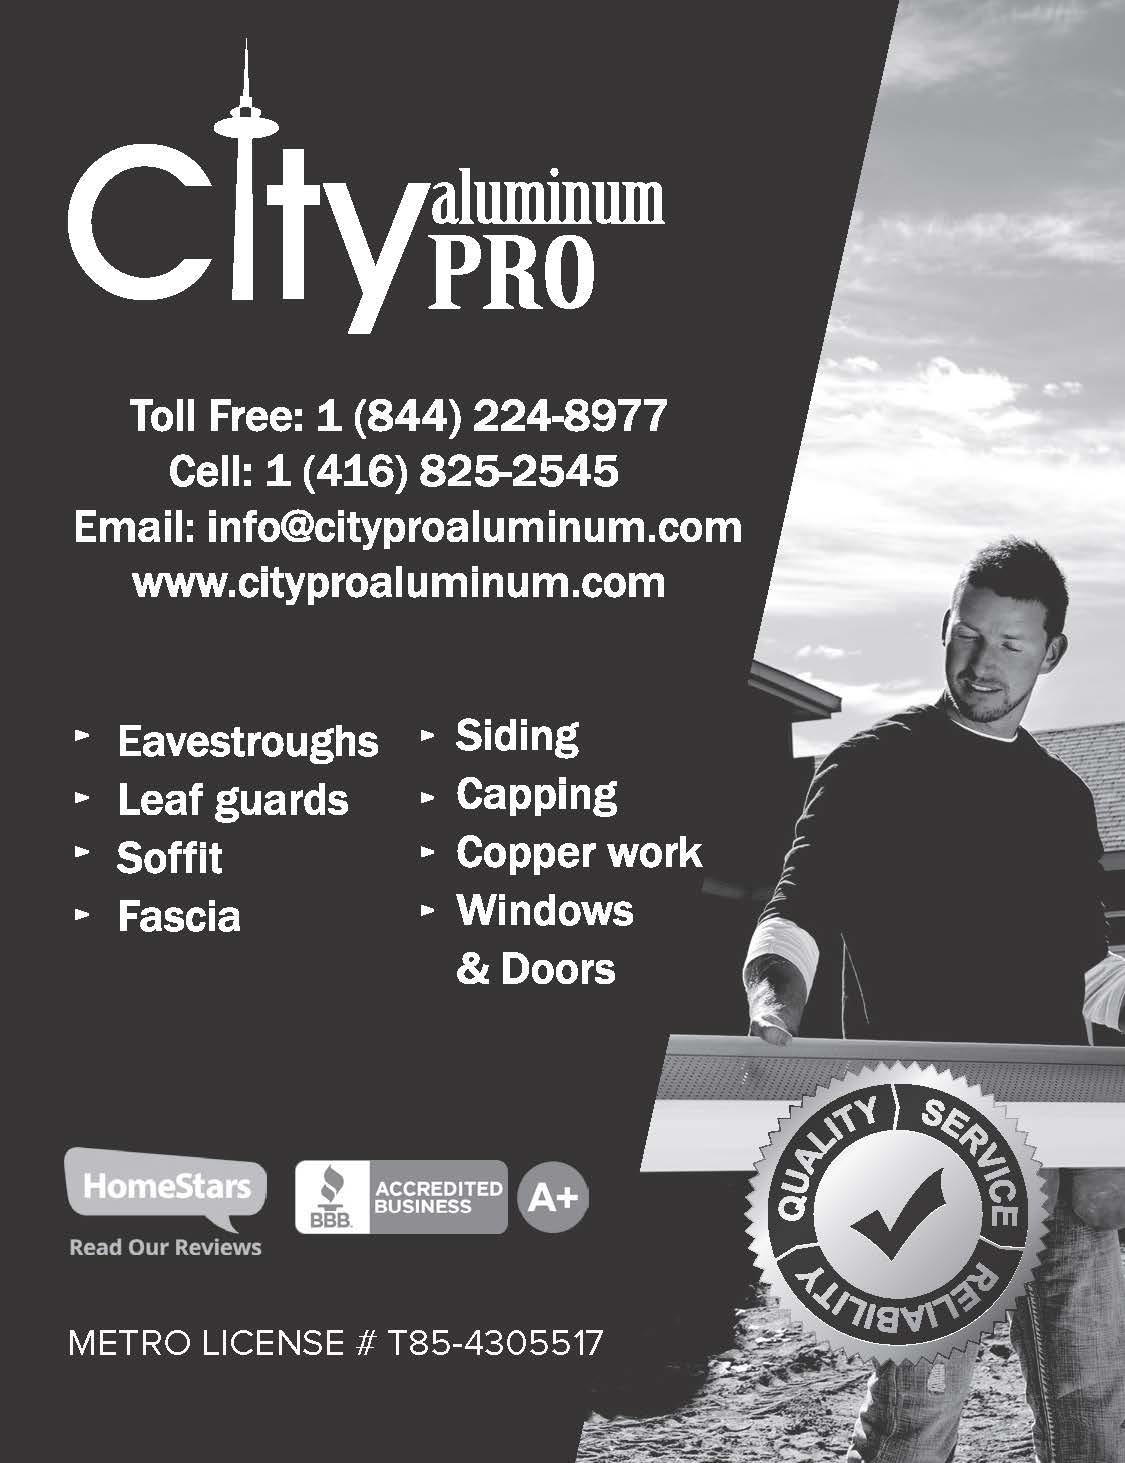 City Pro Aluminum